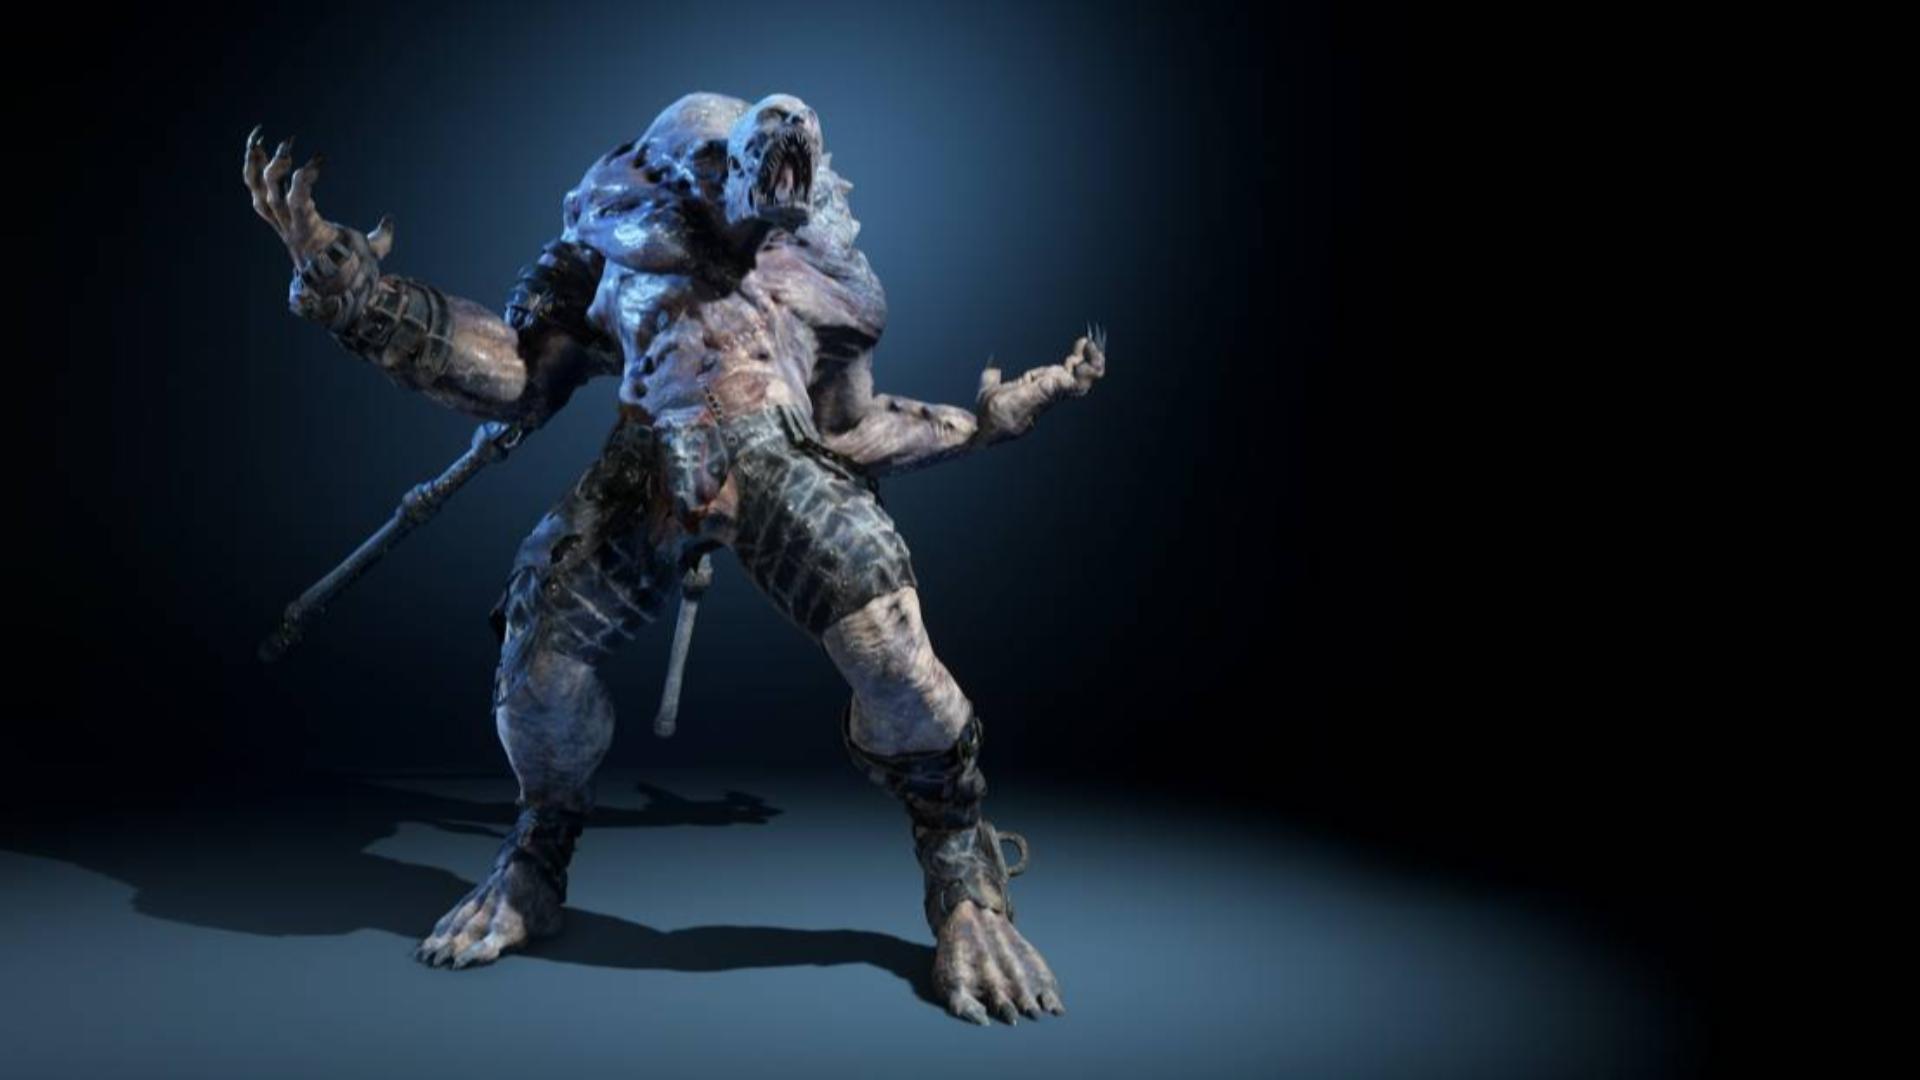 【达奇】政府秘密实验所造就的怪物 《战争机器》 兽人大起底